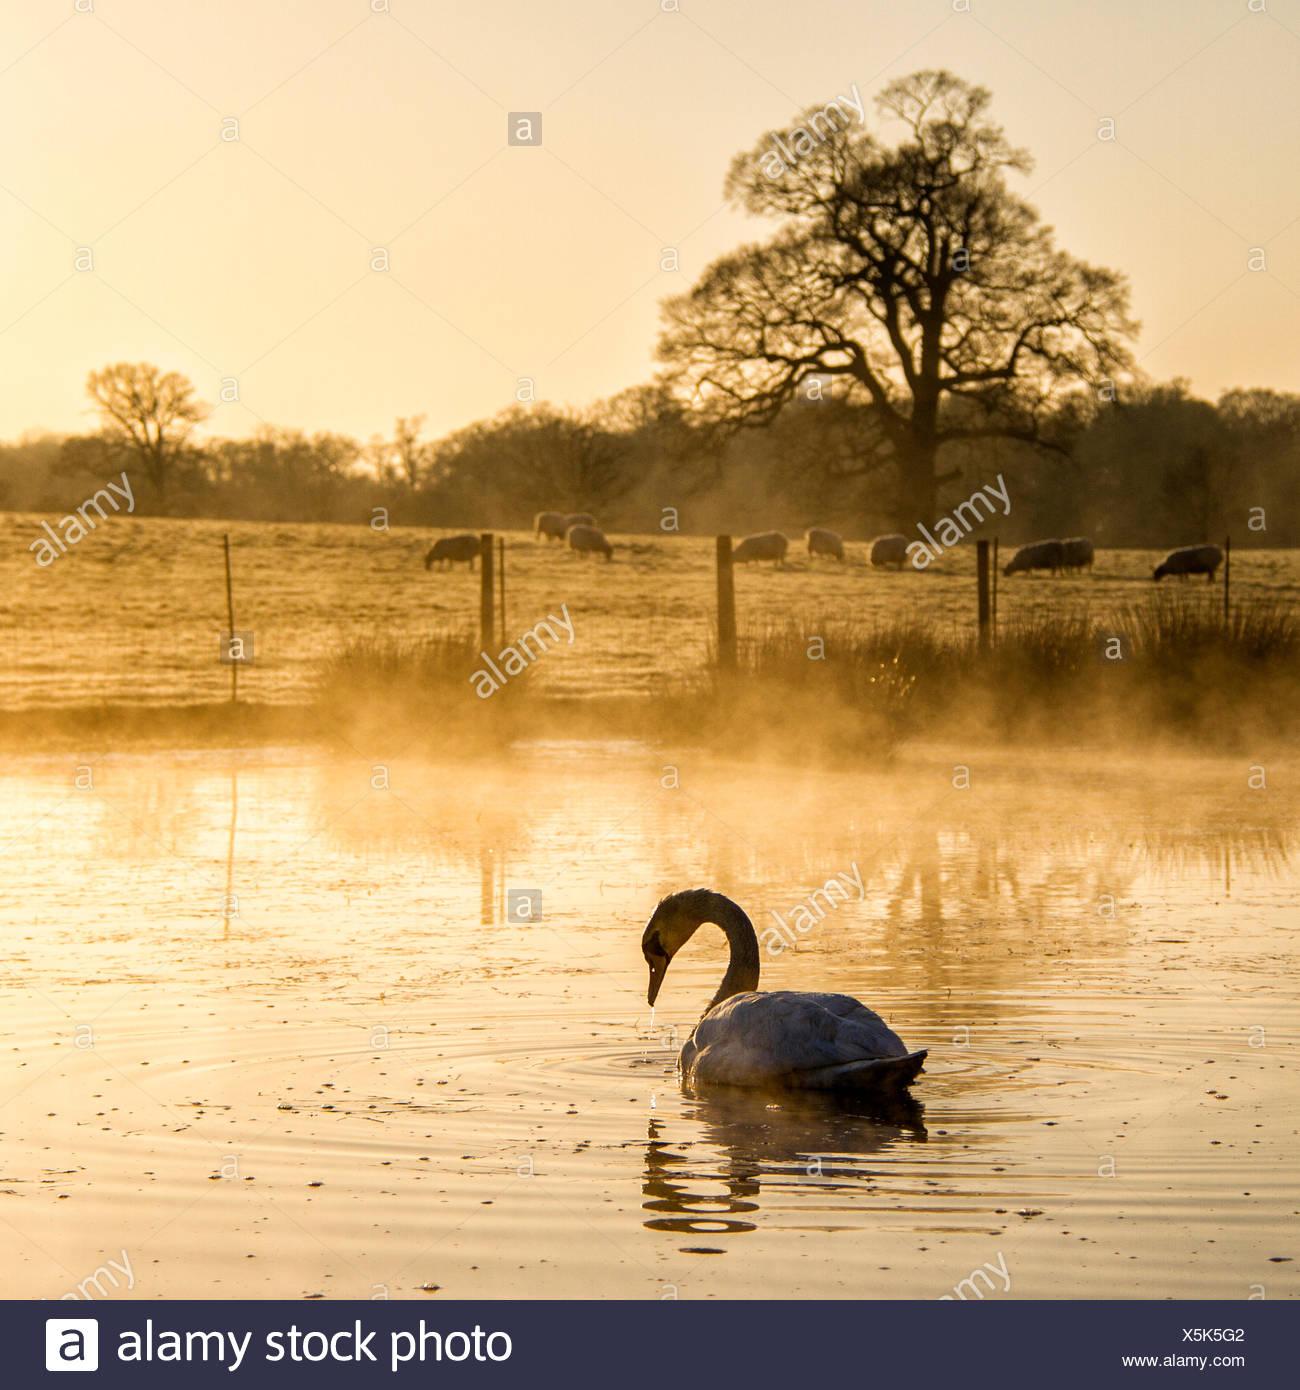 Lago e del cigno sul primo piano e le pecore sul prato in background Immagini Stock